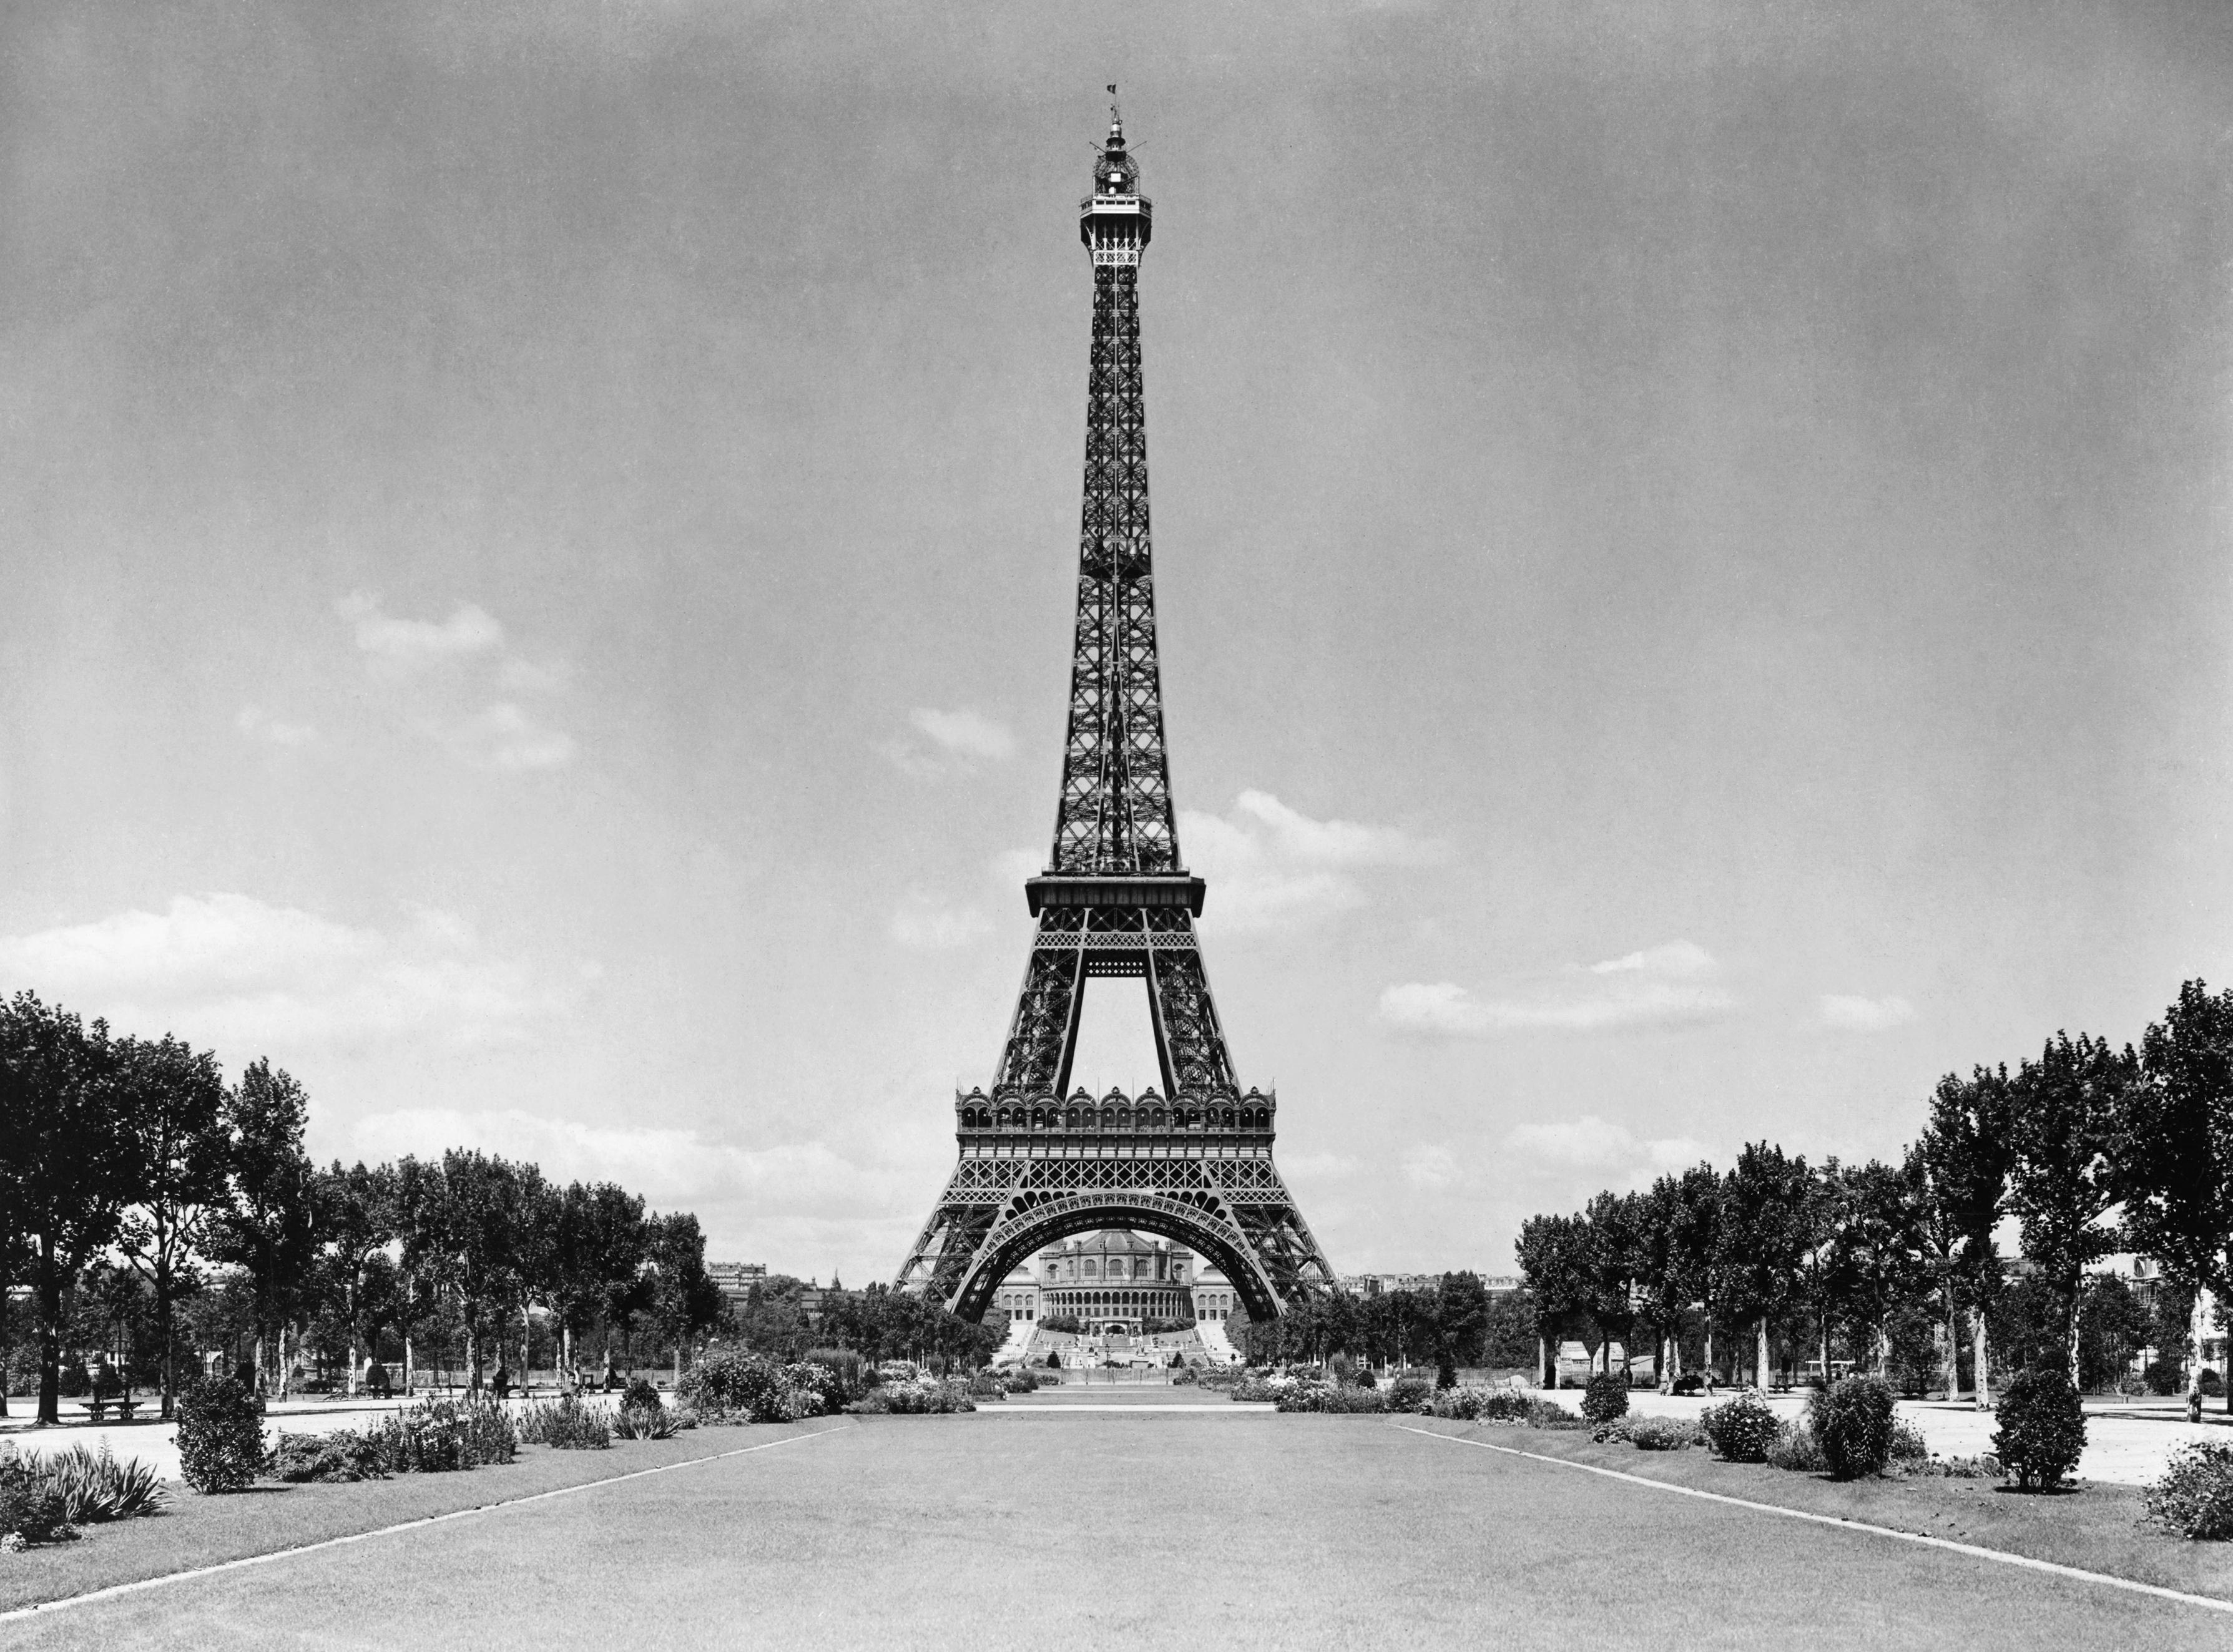 харибда черно белый плакат эйфелева башня фото фраза могла точно